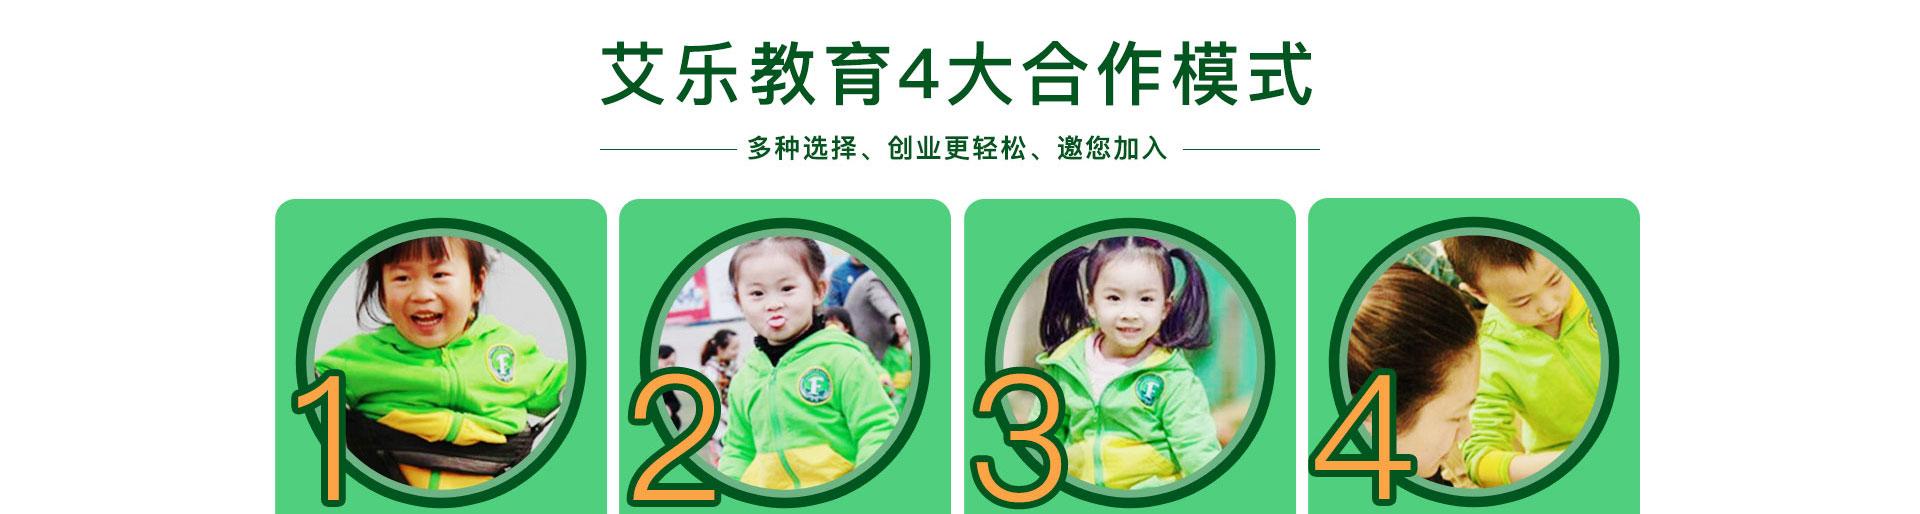 香港艾乐国际幼儿园al_21